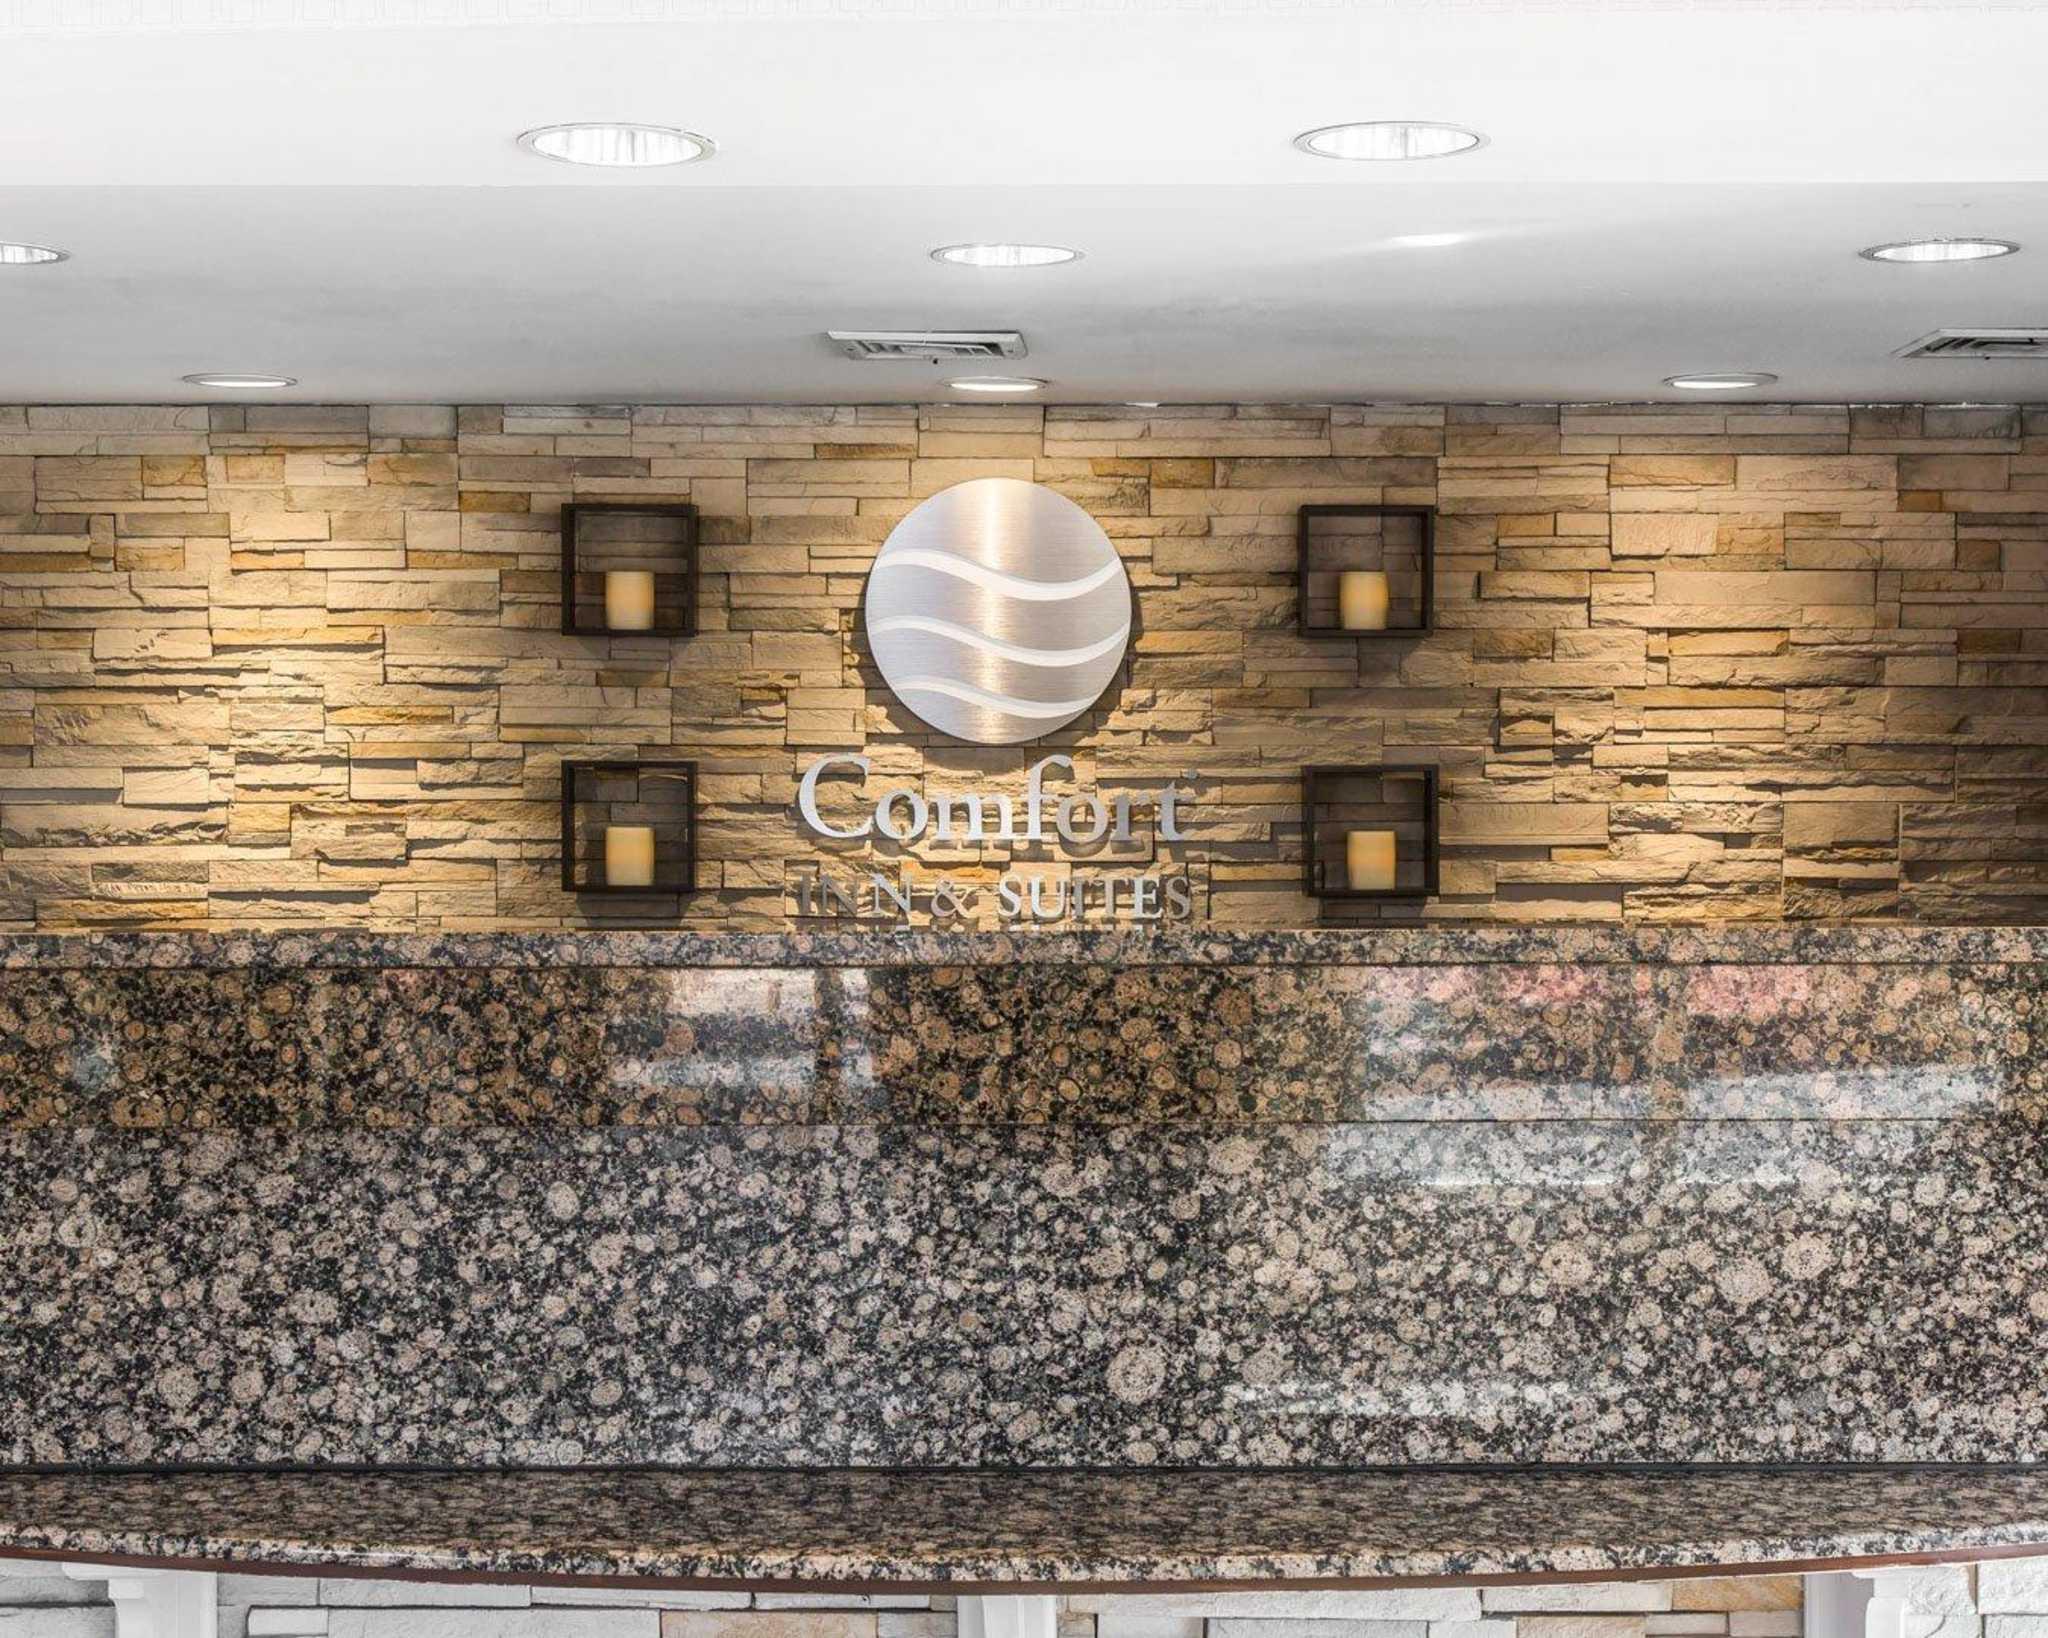 Comfort Inn & Suites East Hartford - Hartford image 4